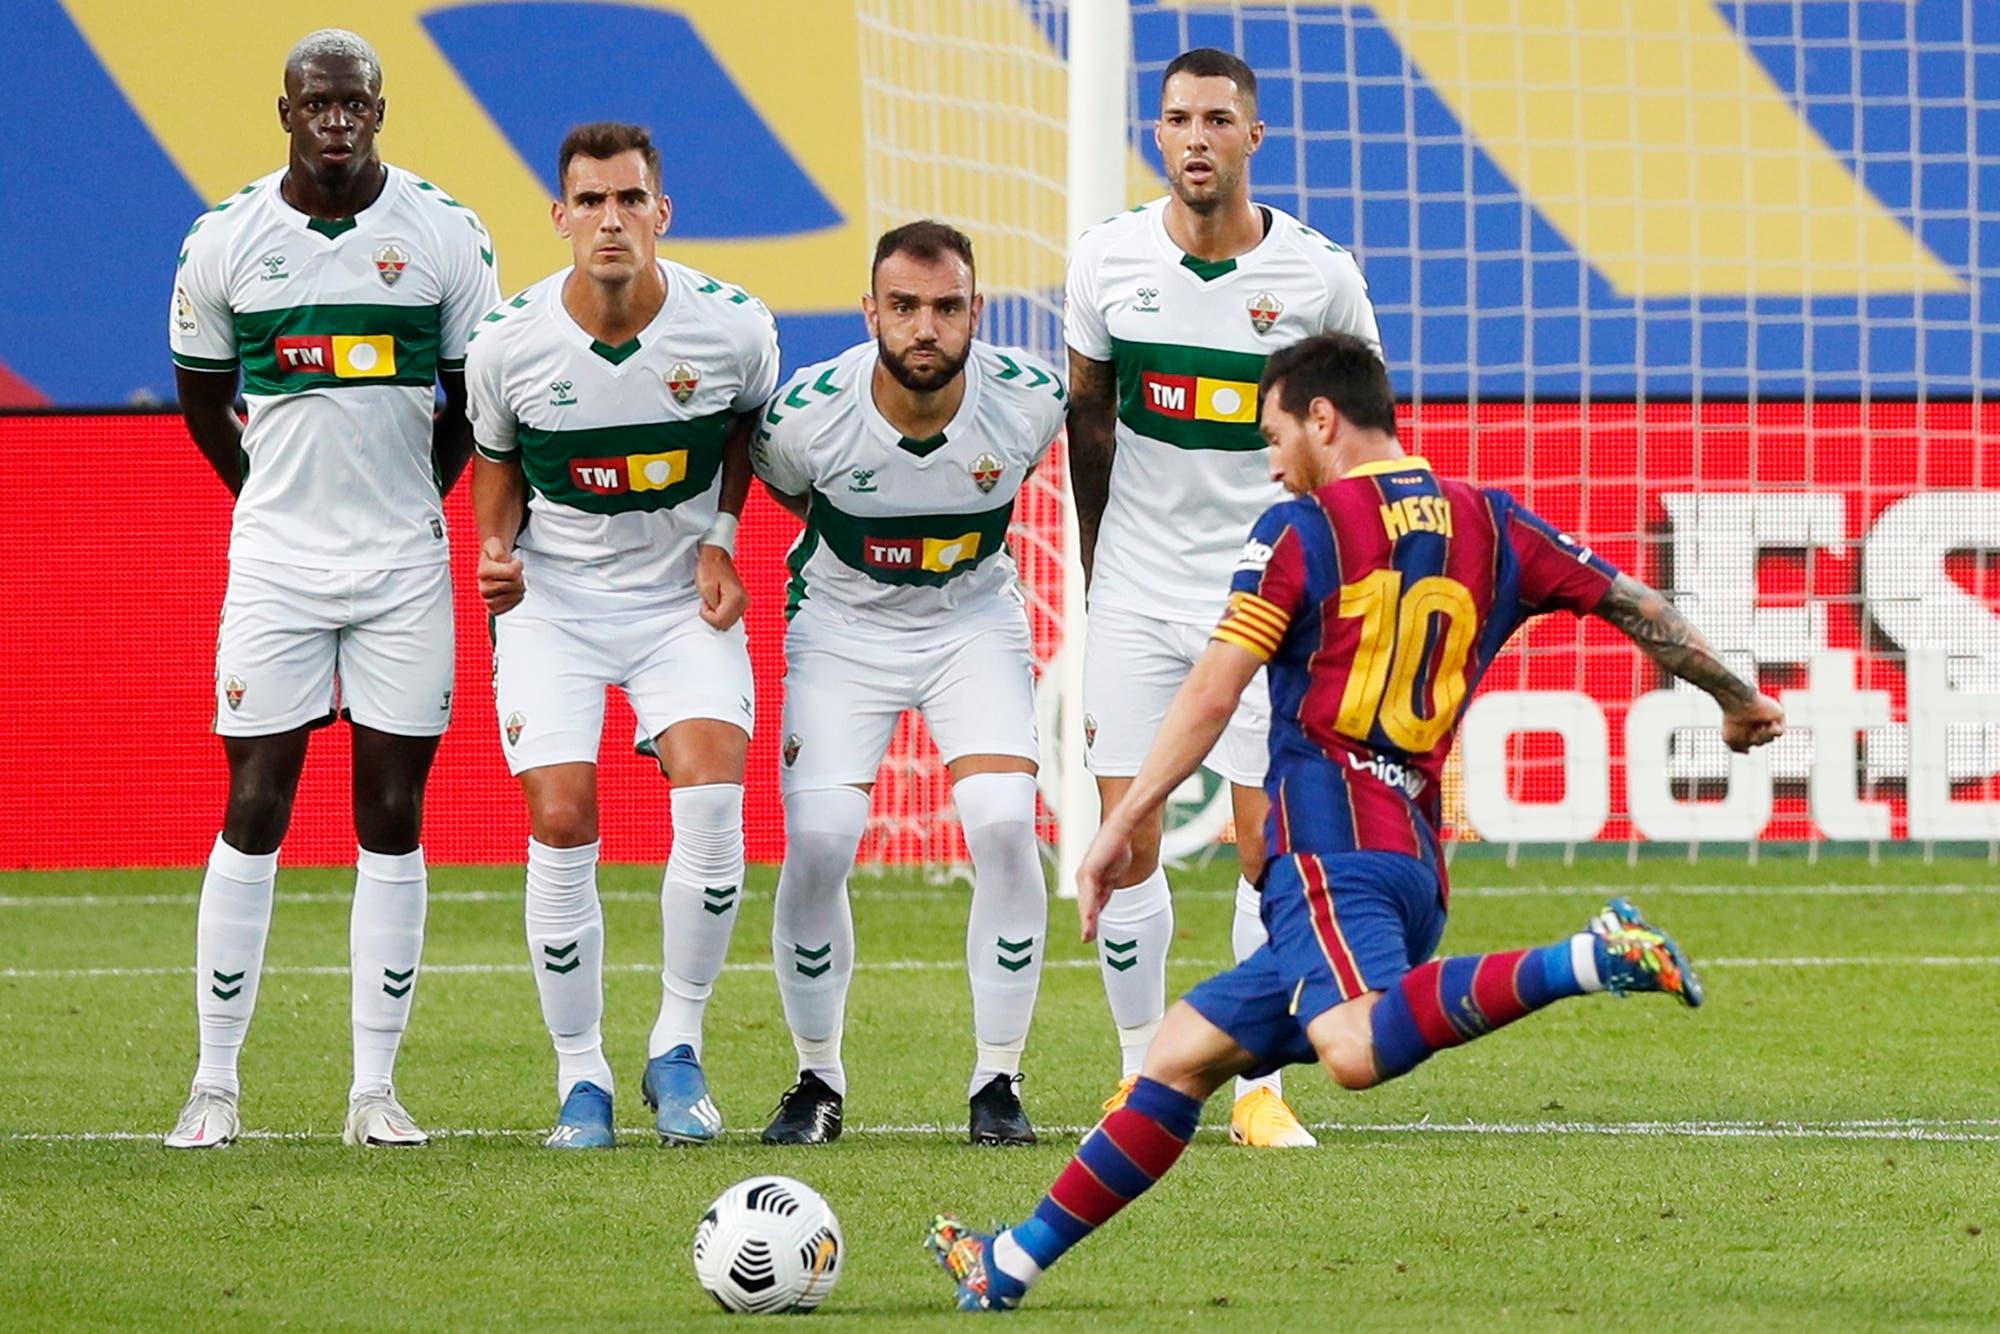 Messi volvió al Camp Nou, Barcelona ganó el Trofeo Joan Gamper y Bartomeu habló por primera vez del conflicto con el capitán